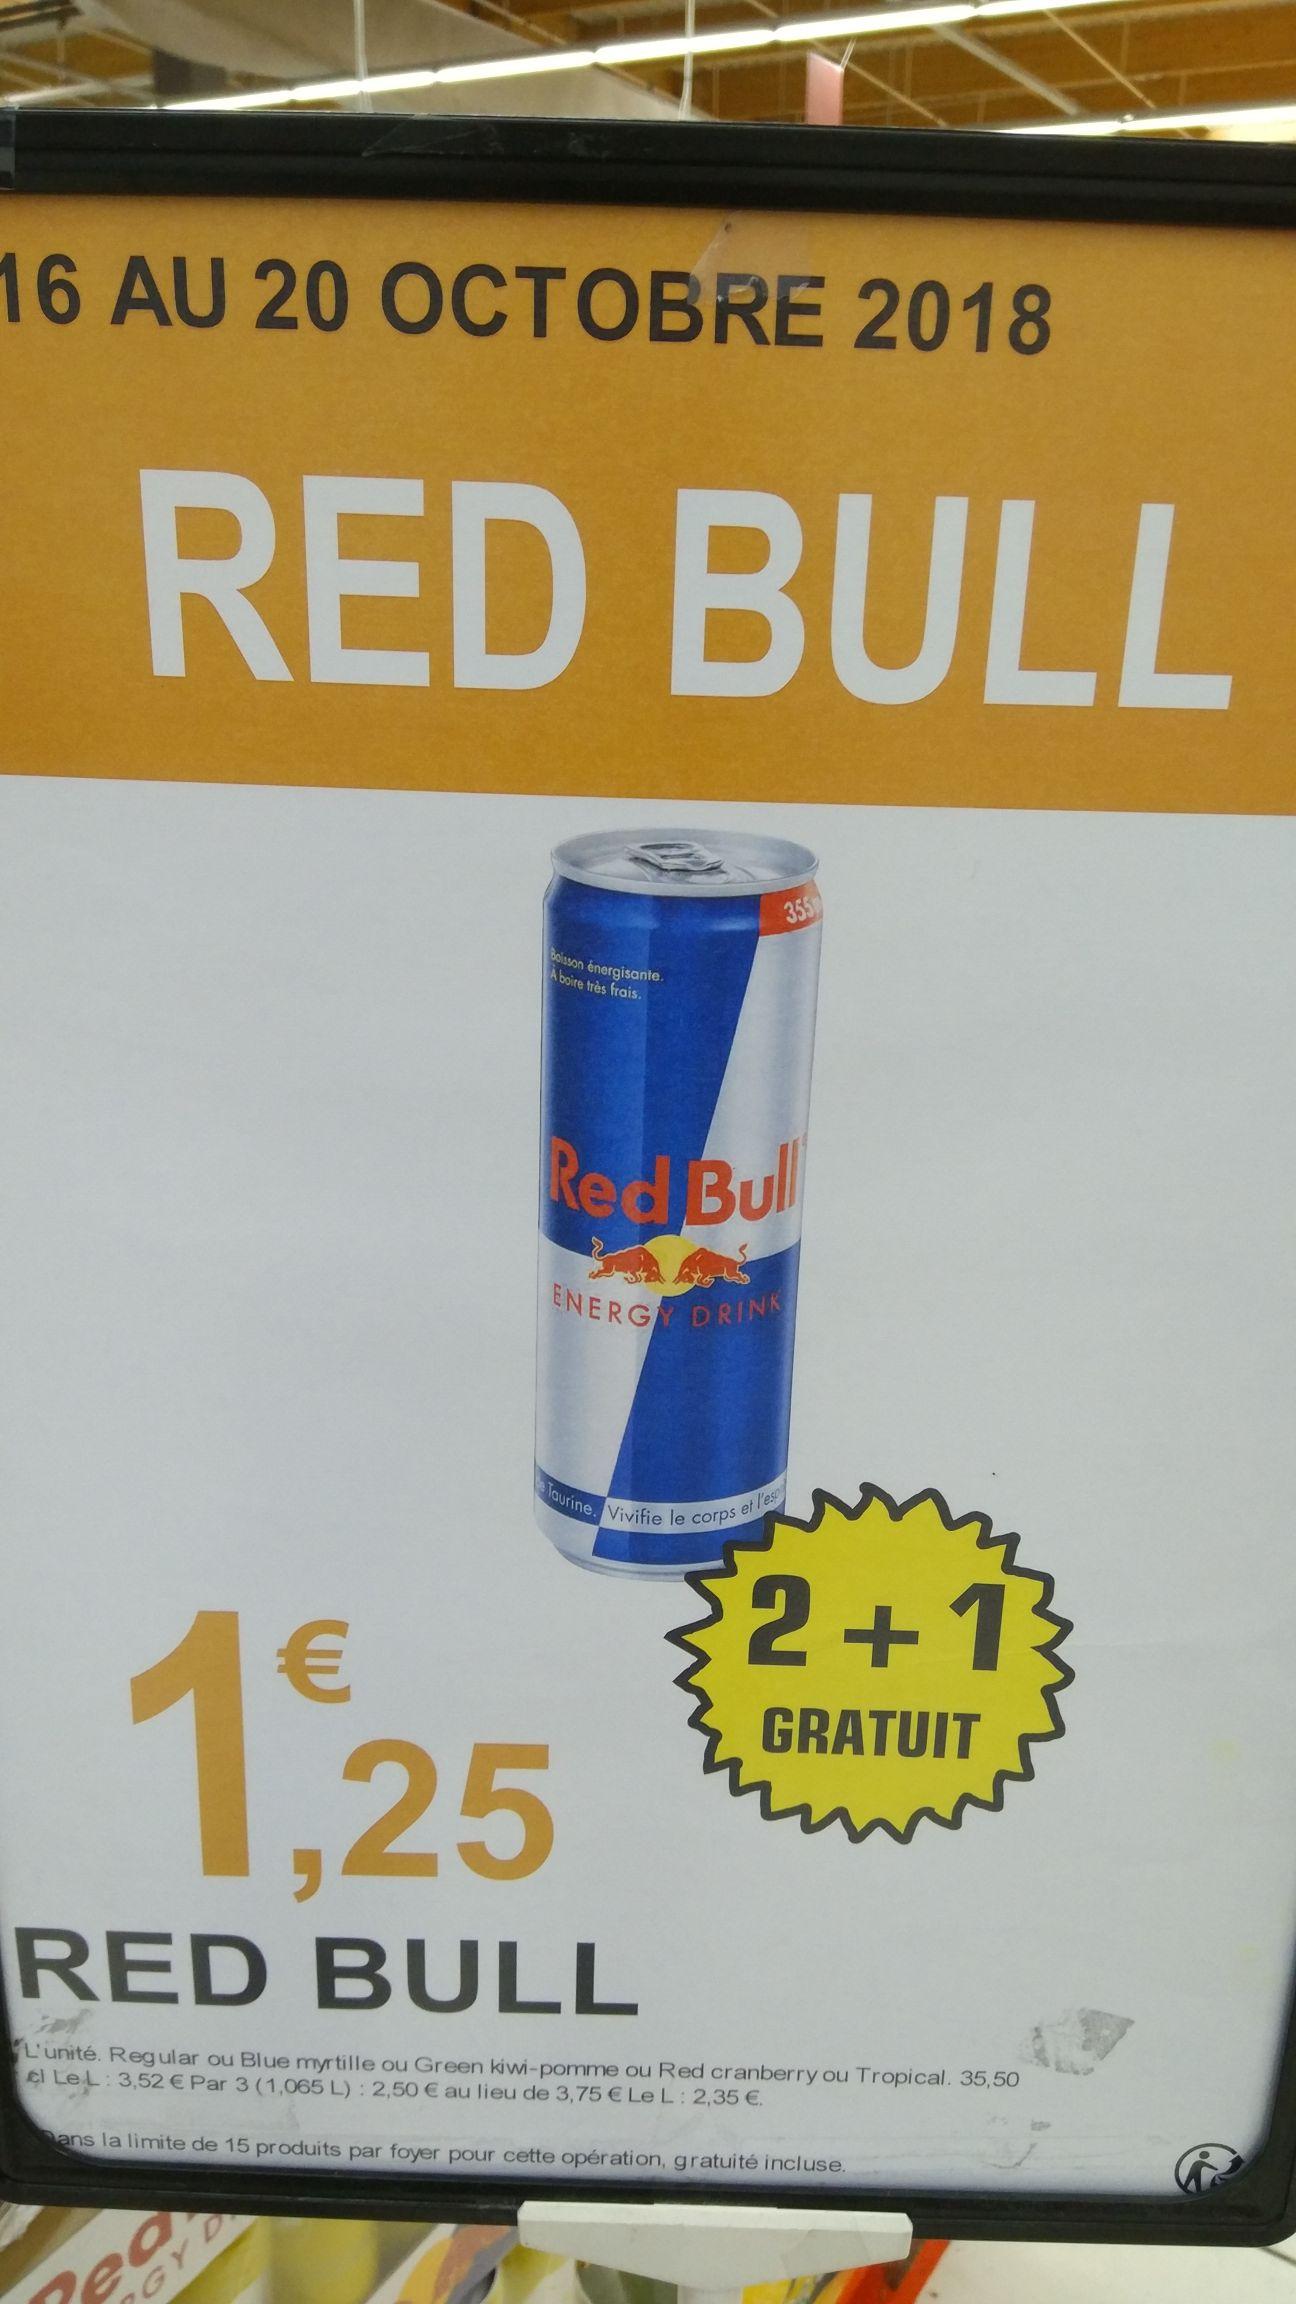 Lot de 3 Boissons Energisantes Red Bull (Variétés au choix) - 3 x 355ml - Conflans-Sainte-Honorine (78)